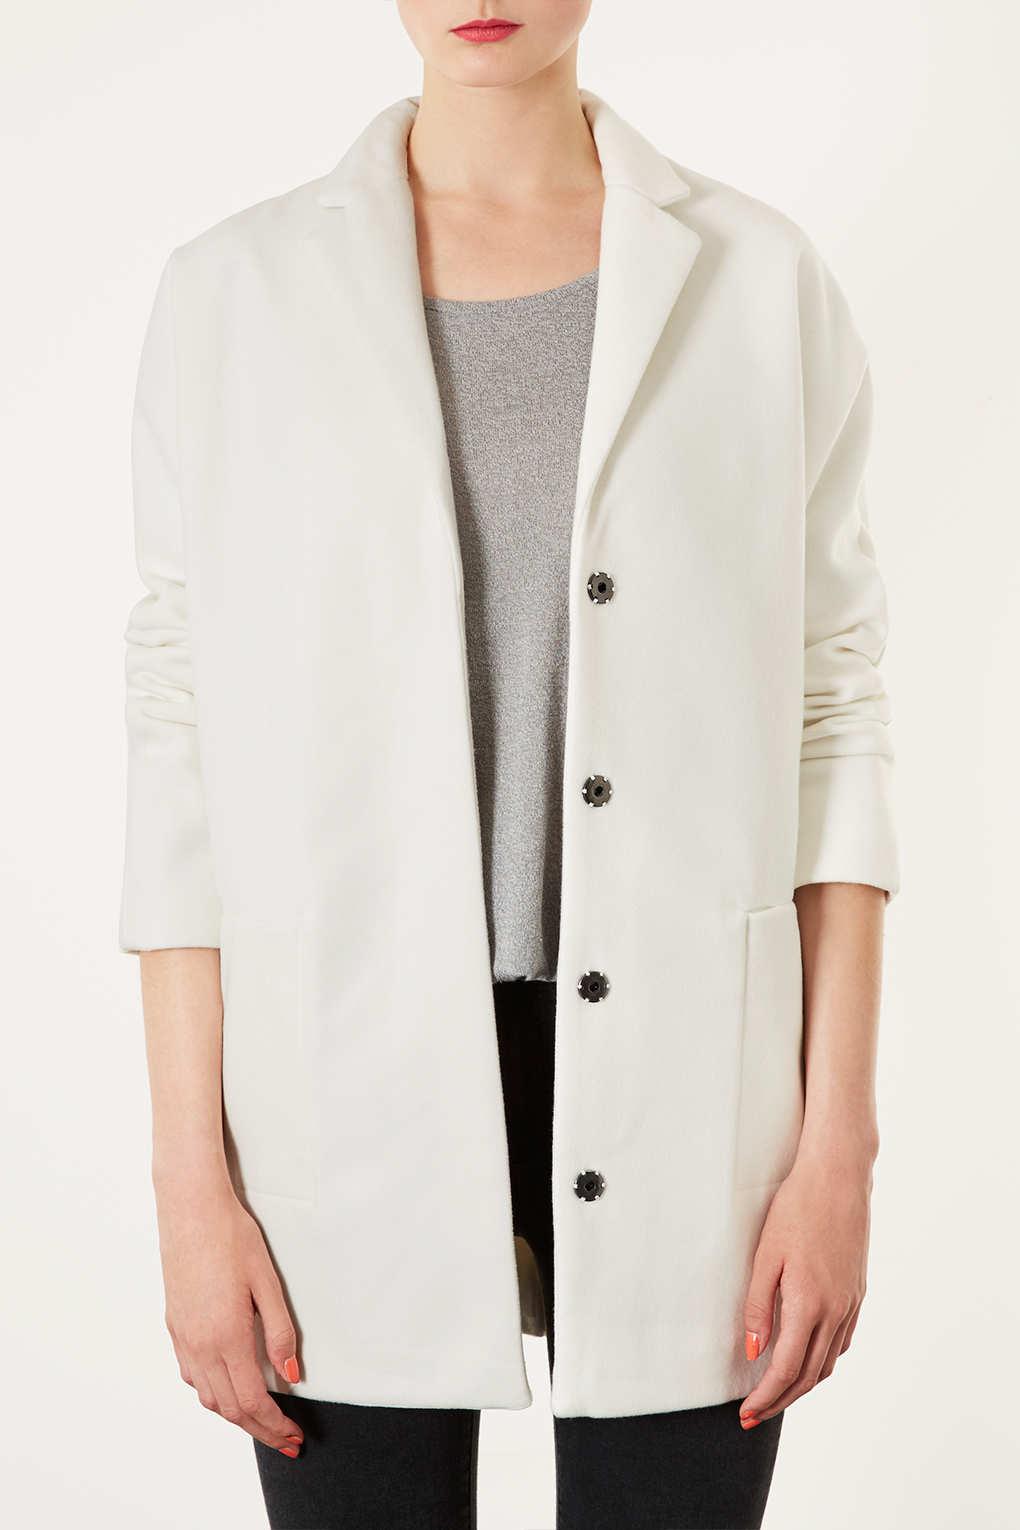 пальто Topshop, 700 грн